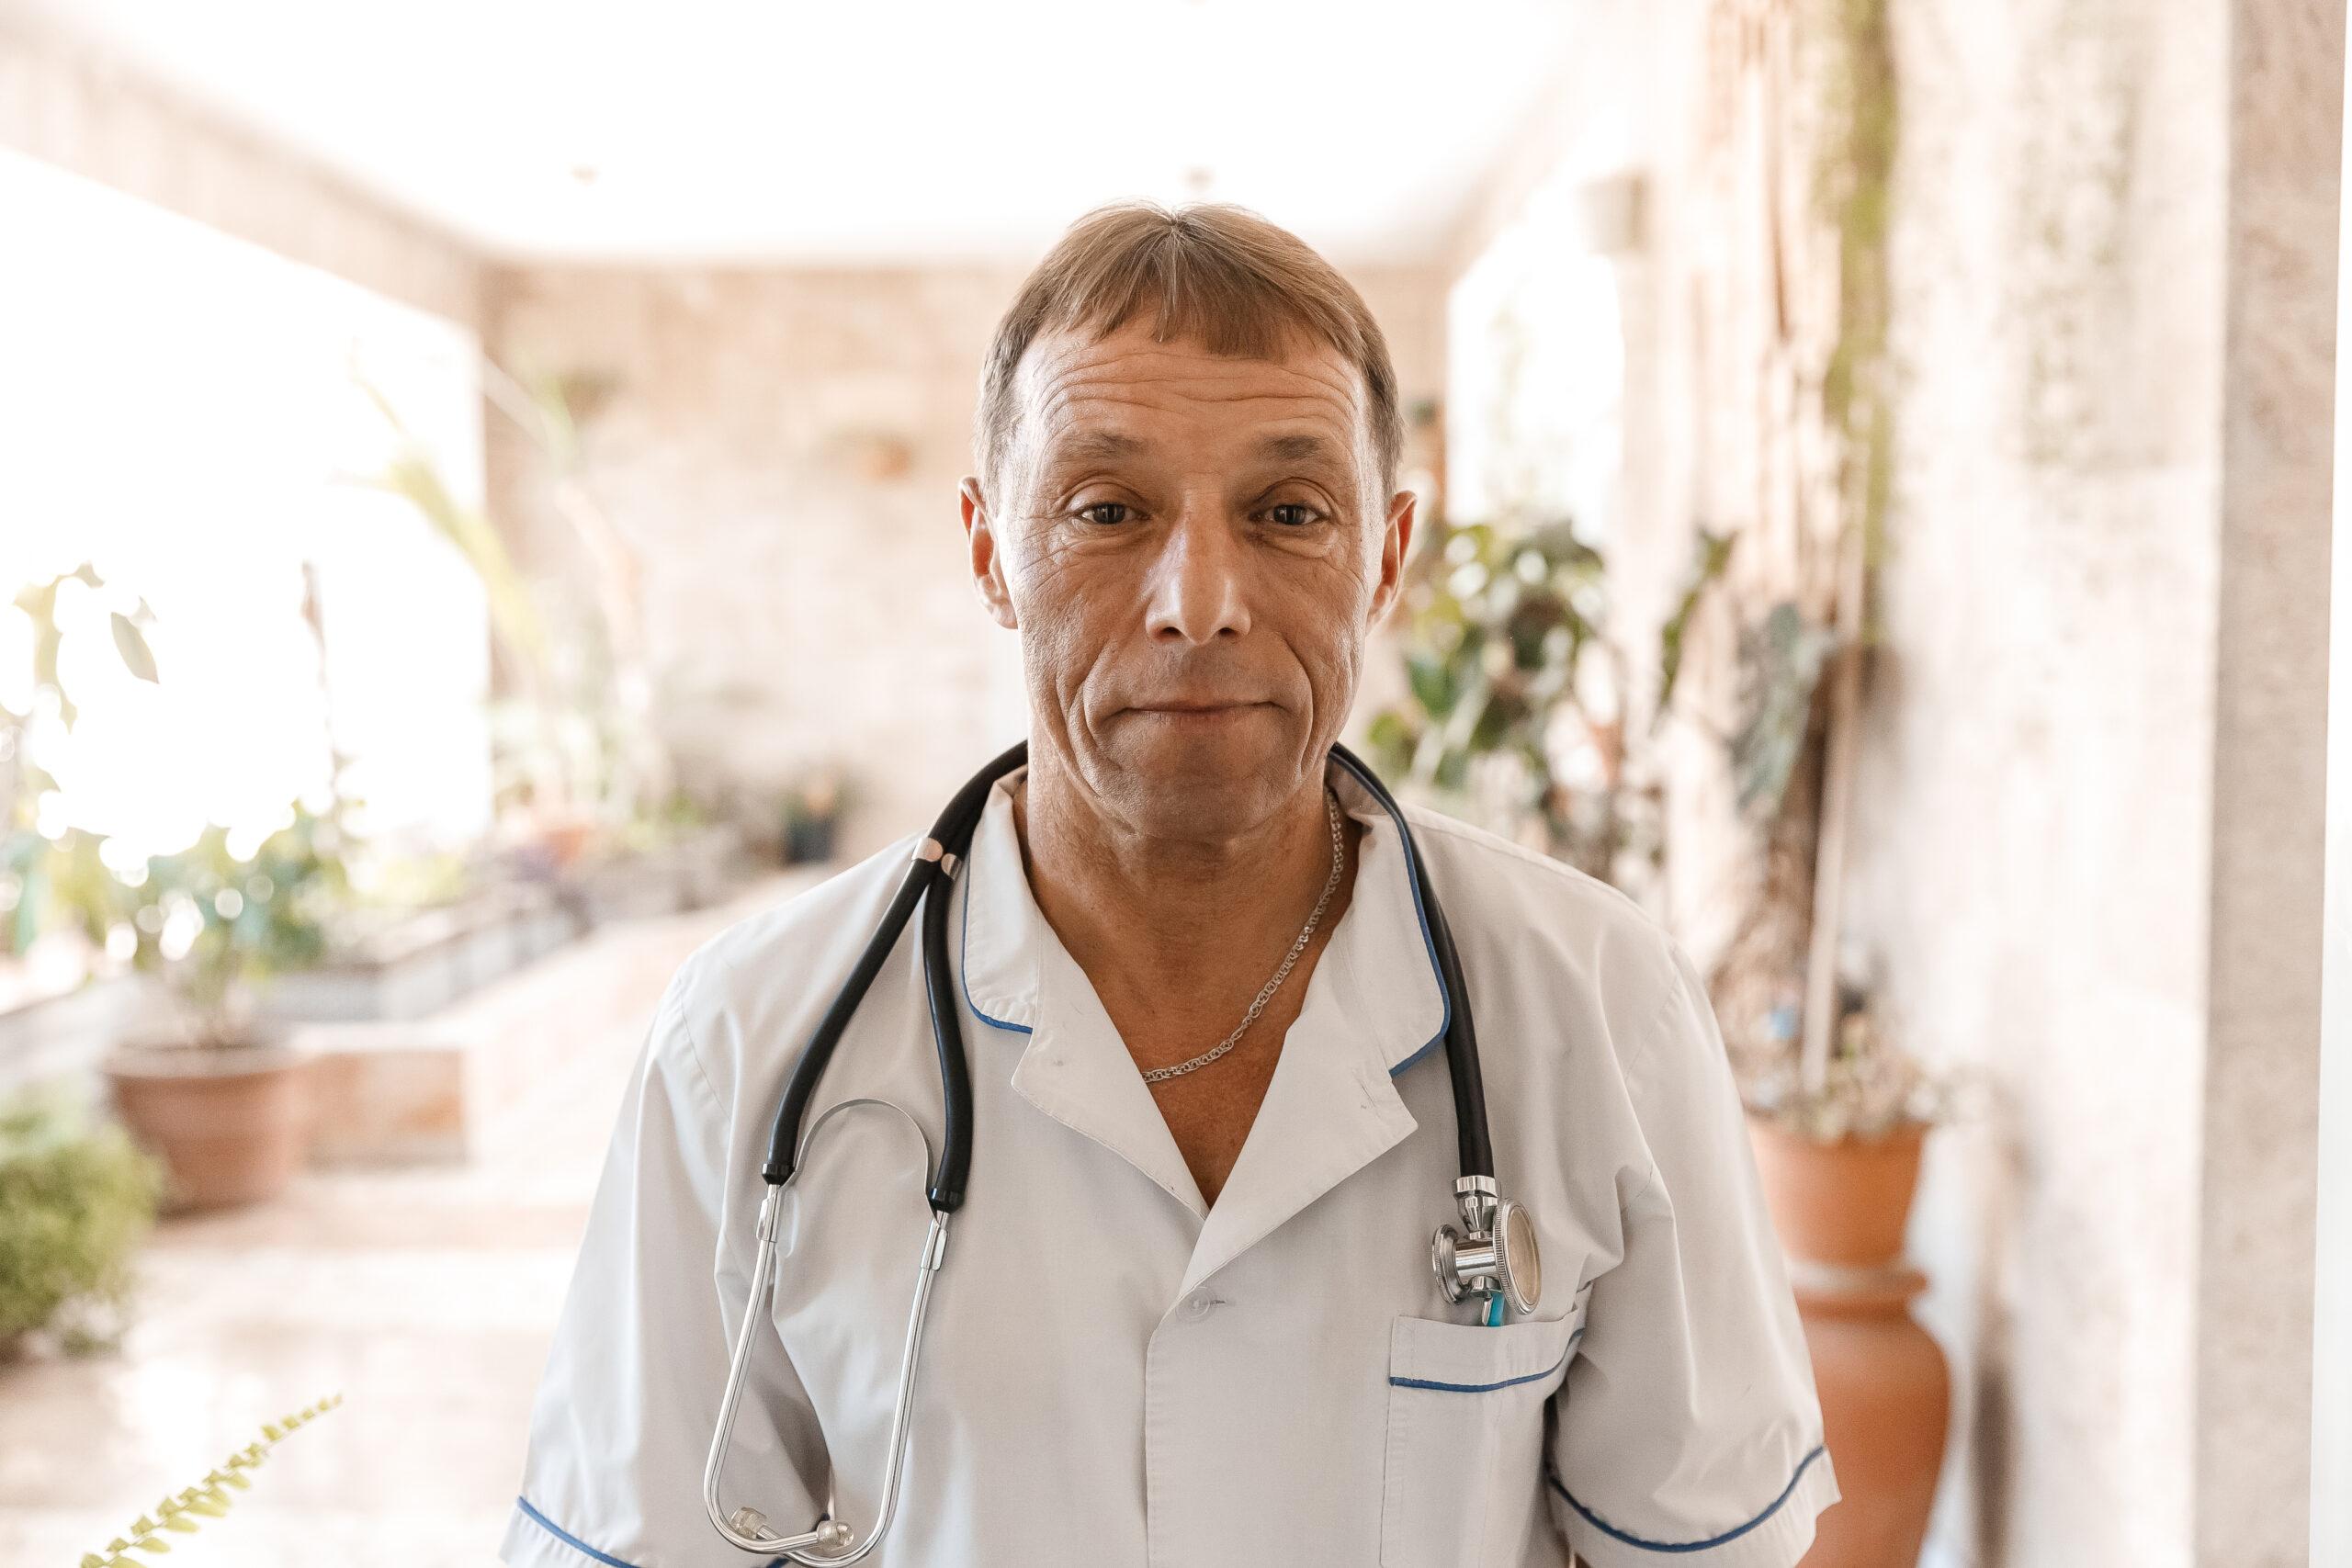 Главный врач - Доктор Браунер